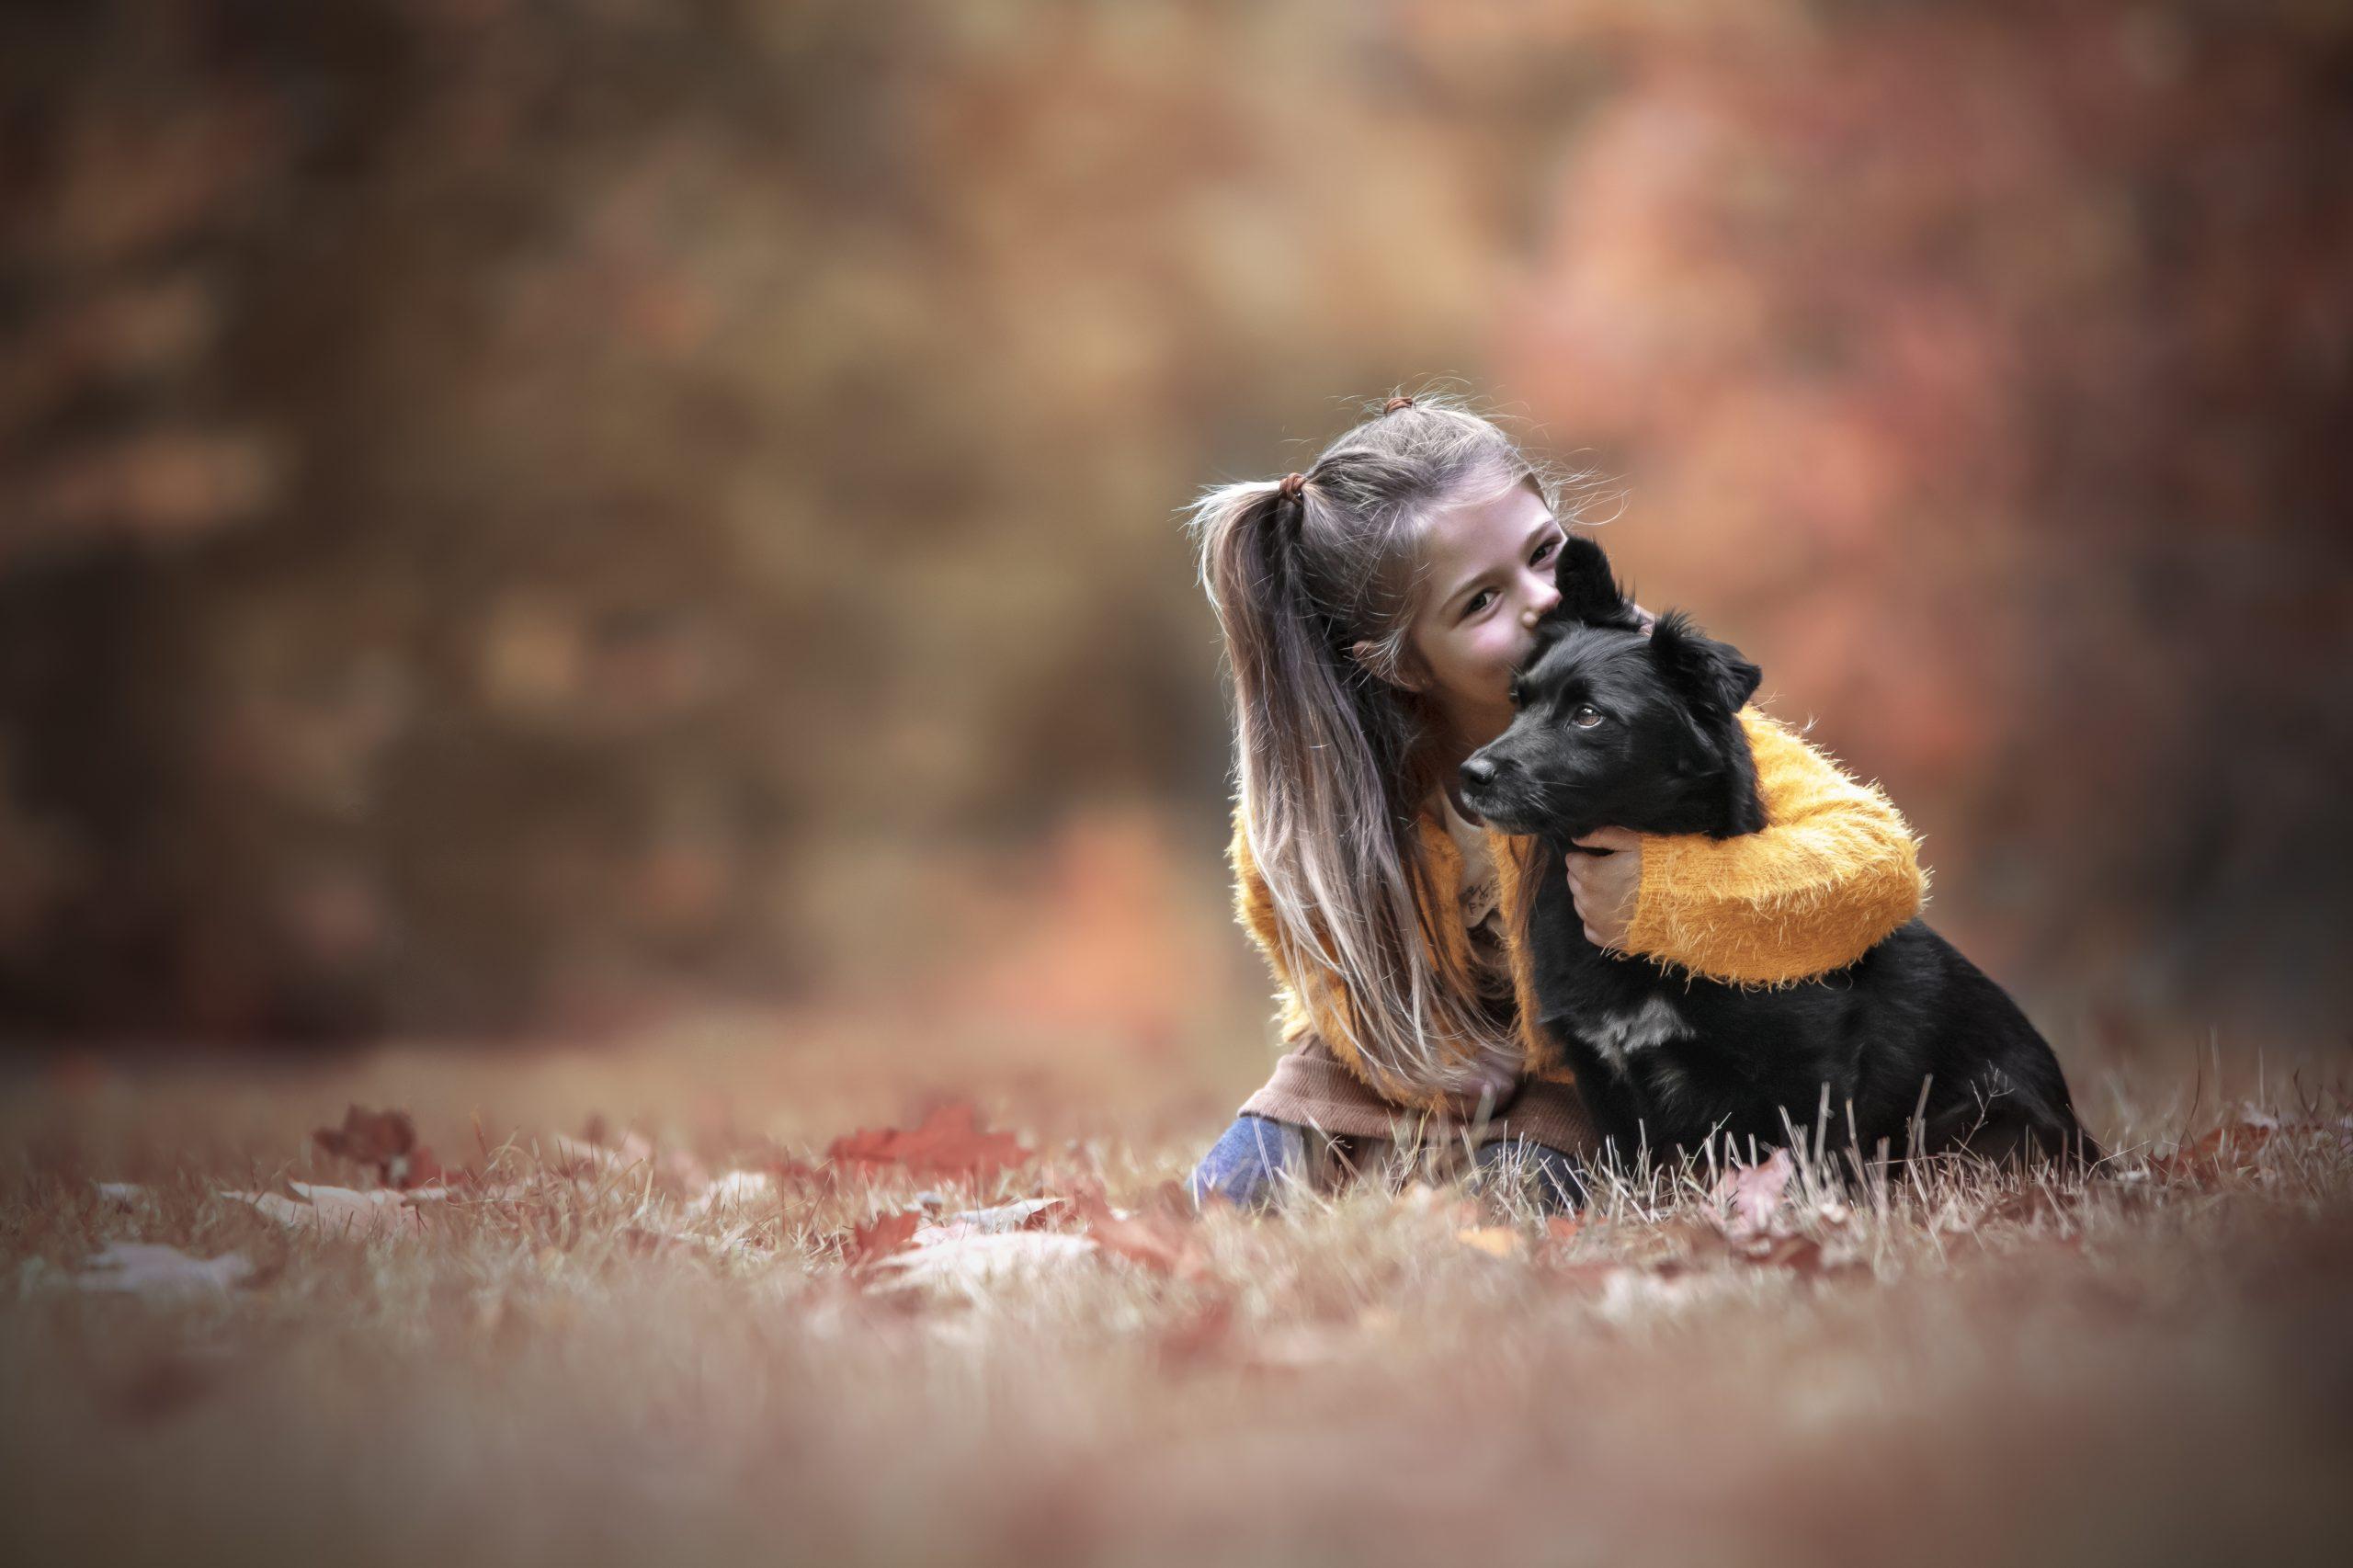 Kind hond fotoshoot